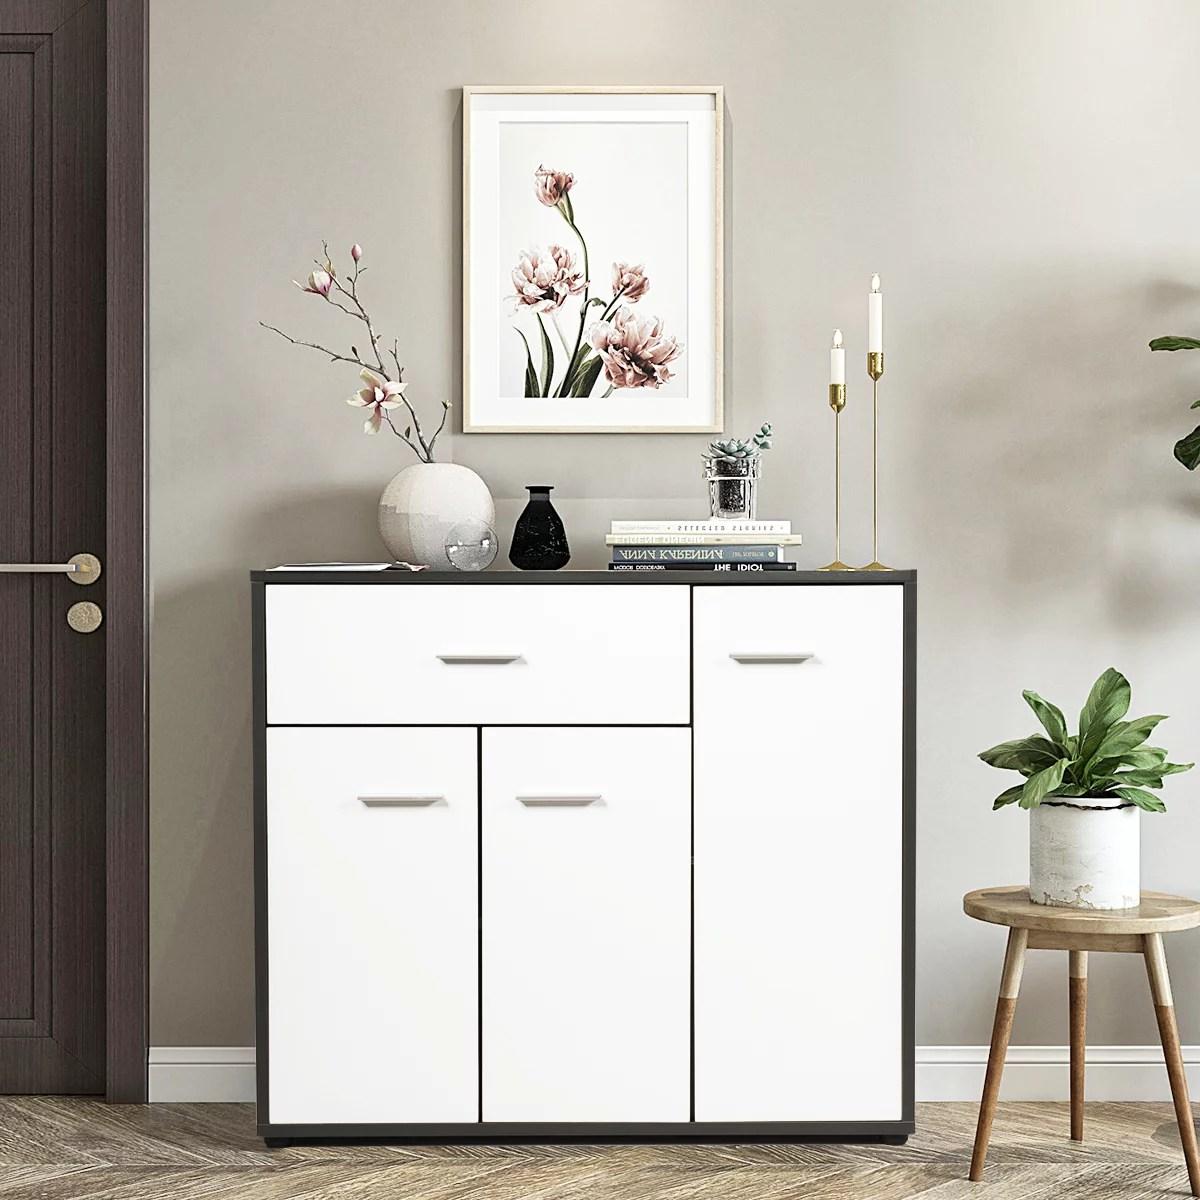 armoire de rangement casier meuble de rangement avec 3 portes et 1 tiroir pour salon bureau chambre entree cuisine en bois blanc 88 x 29 7 x 70cm